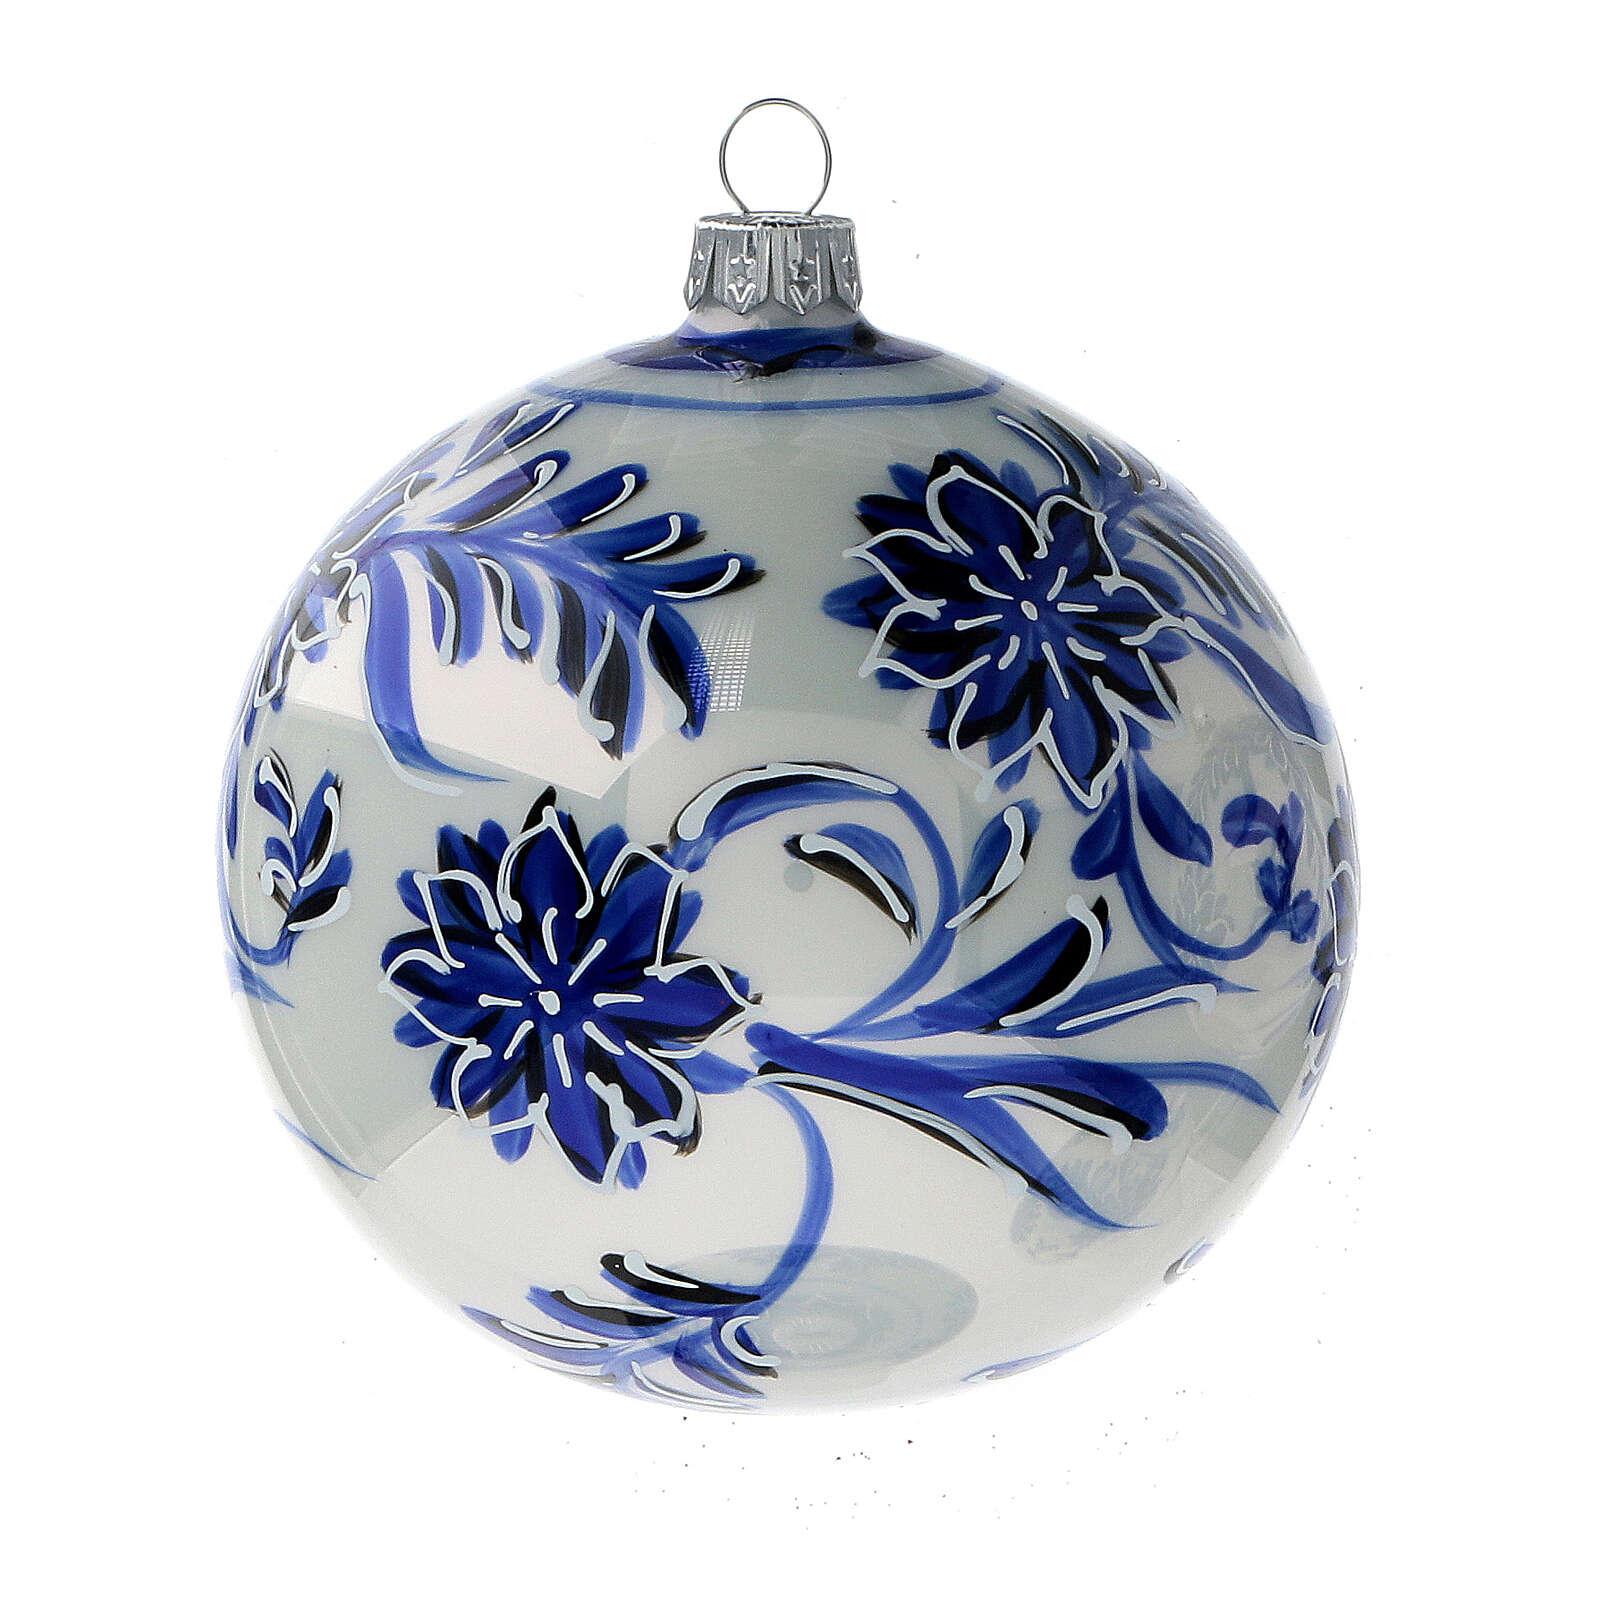 Boule sapin Noël verre soufflé fleurs bleues 100 mm 4 pcs 4